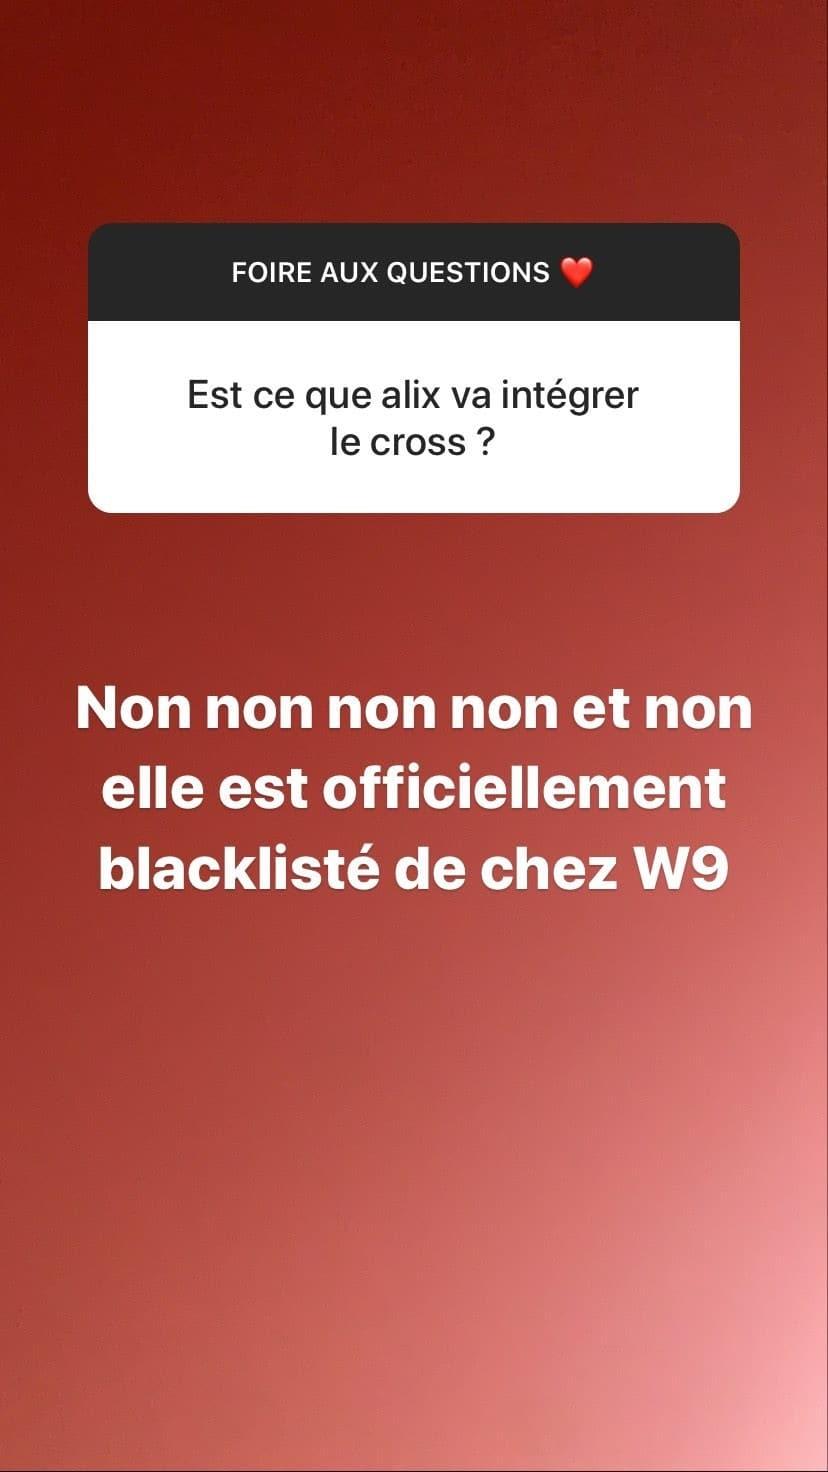 Alix blacklistée de W9 ? Elle sort du silence !